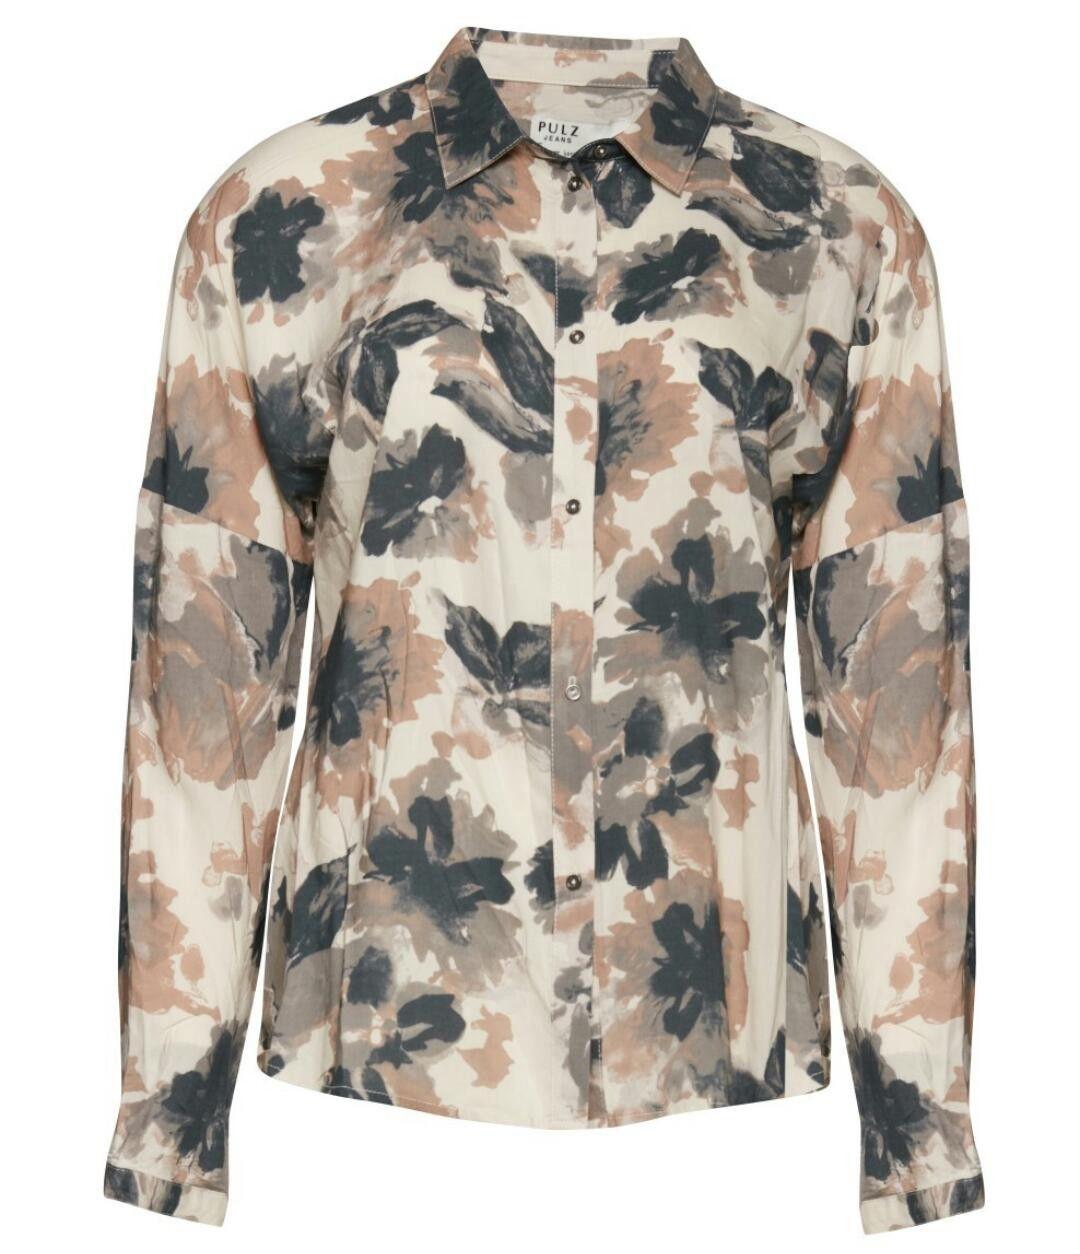 4f87d699345 Skjorte fra PULZ jeans | FINN.no